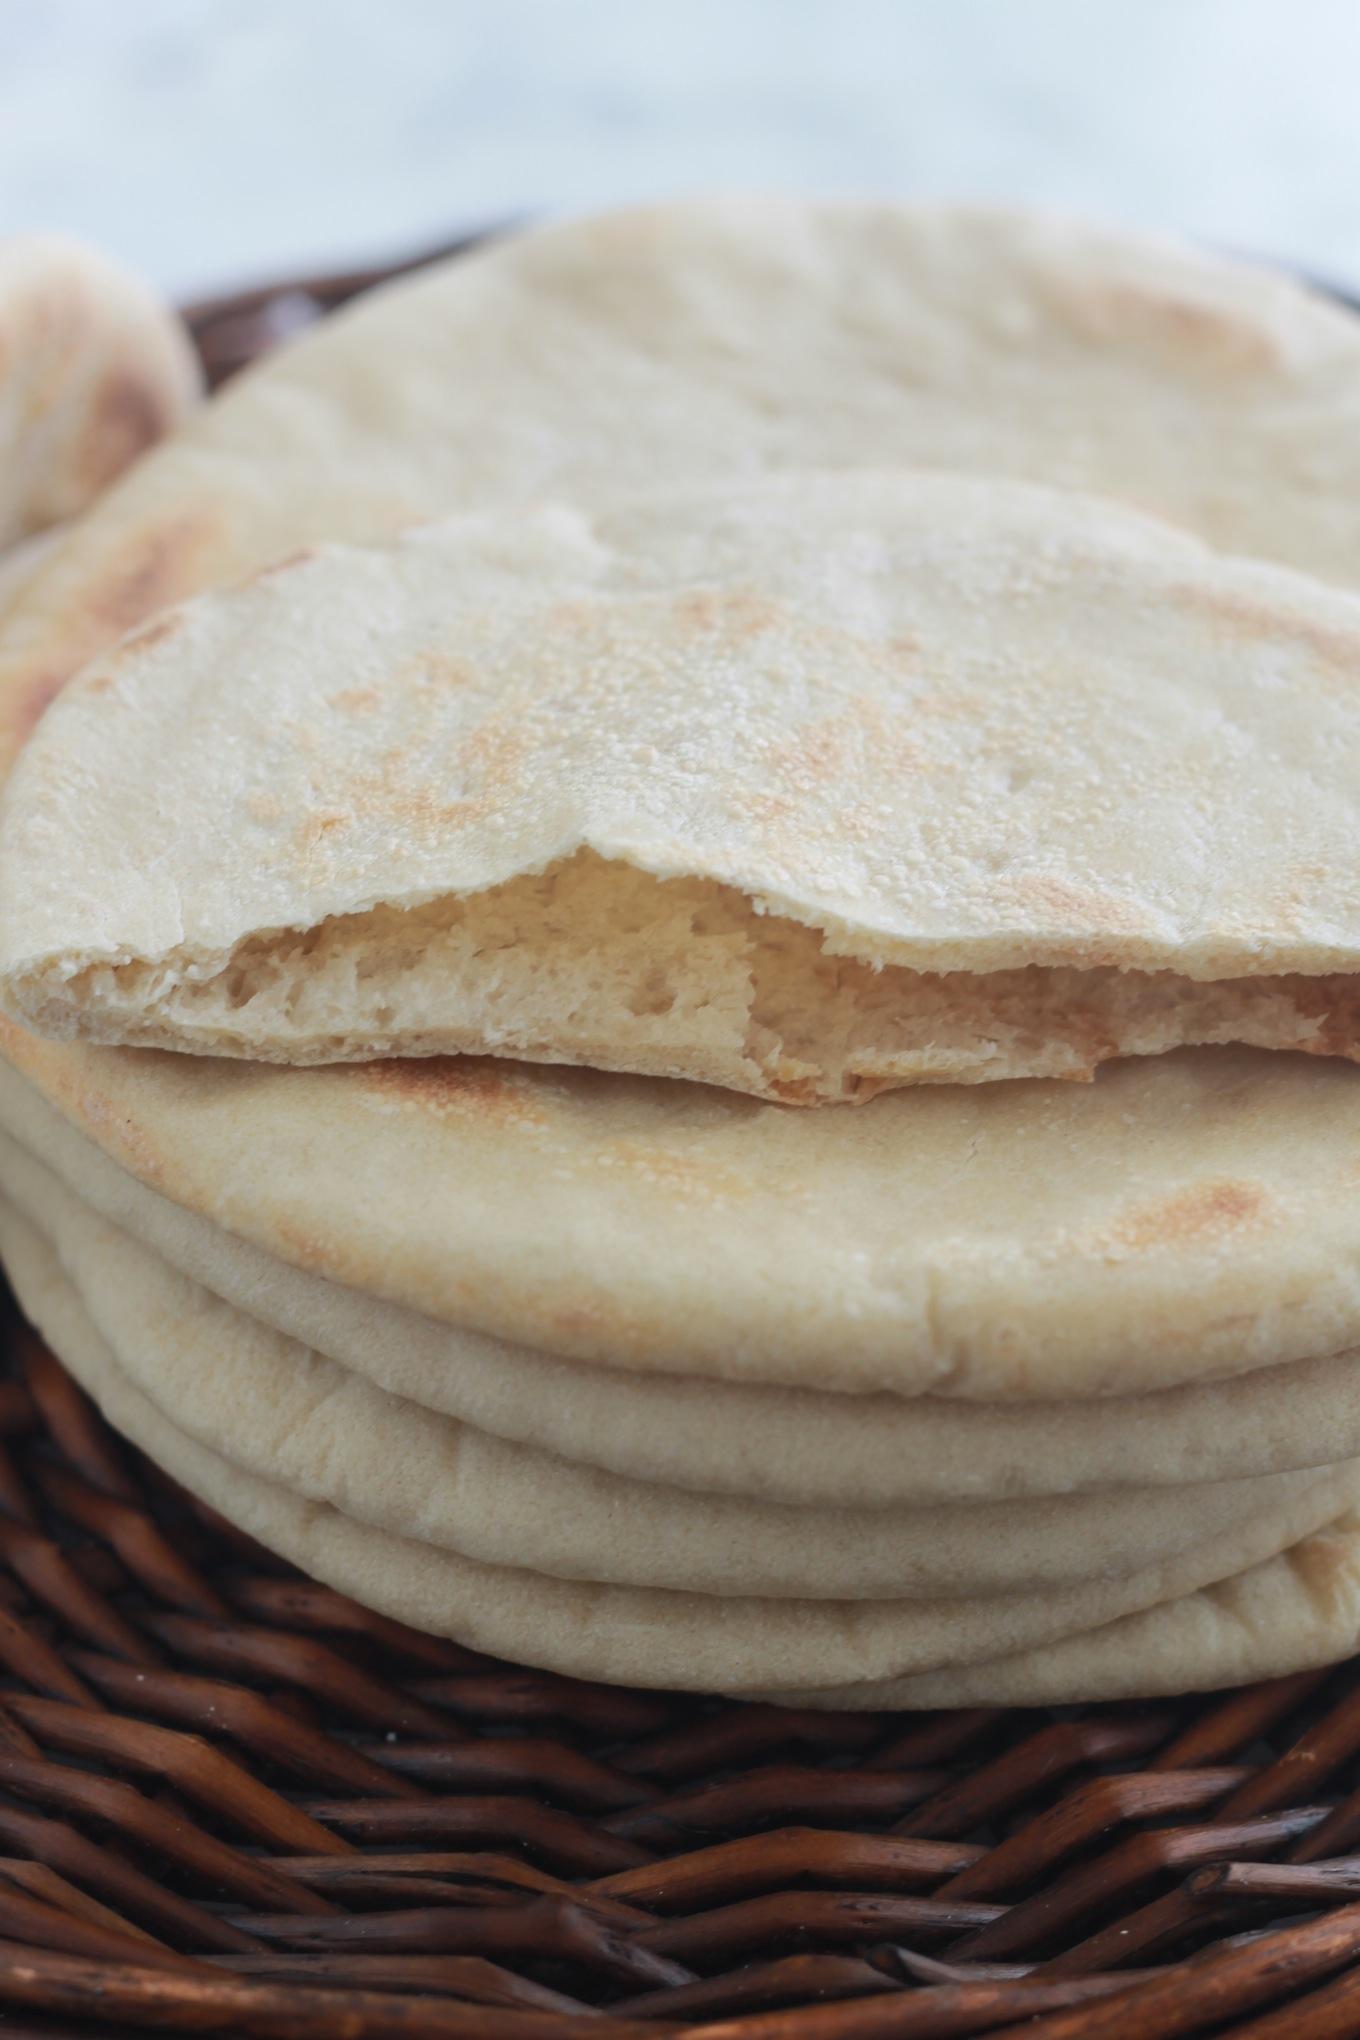 Le pain pita maison, la recette avec des astuces pour le réussir. Parfait pour servir avec du houmous ou zaatar, pour faire des sandwichs genre chawarma et gyros, et bien d'autres. | CuisineCulinaire.com